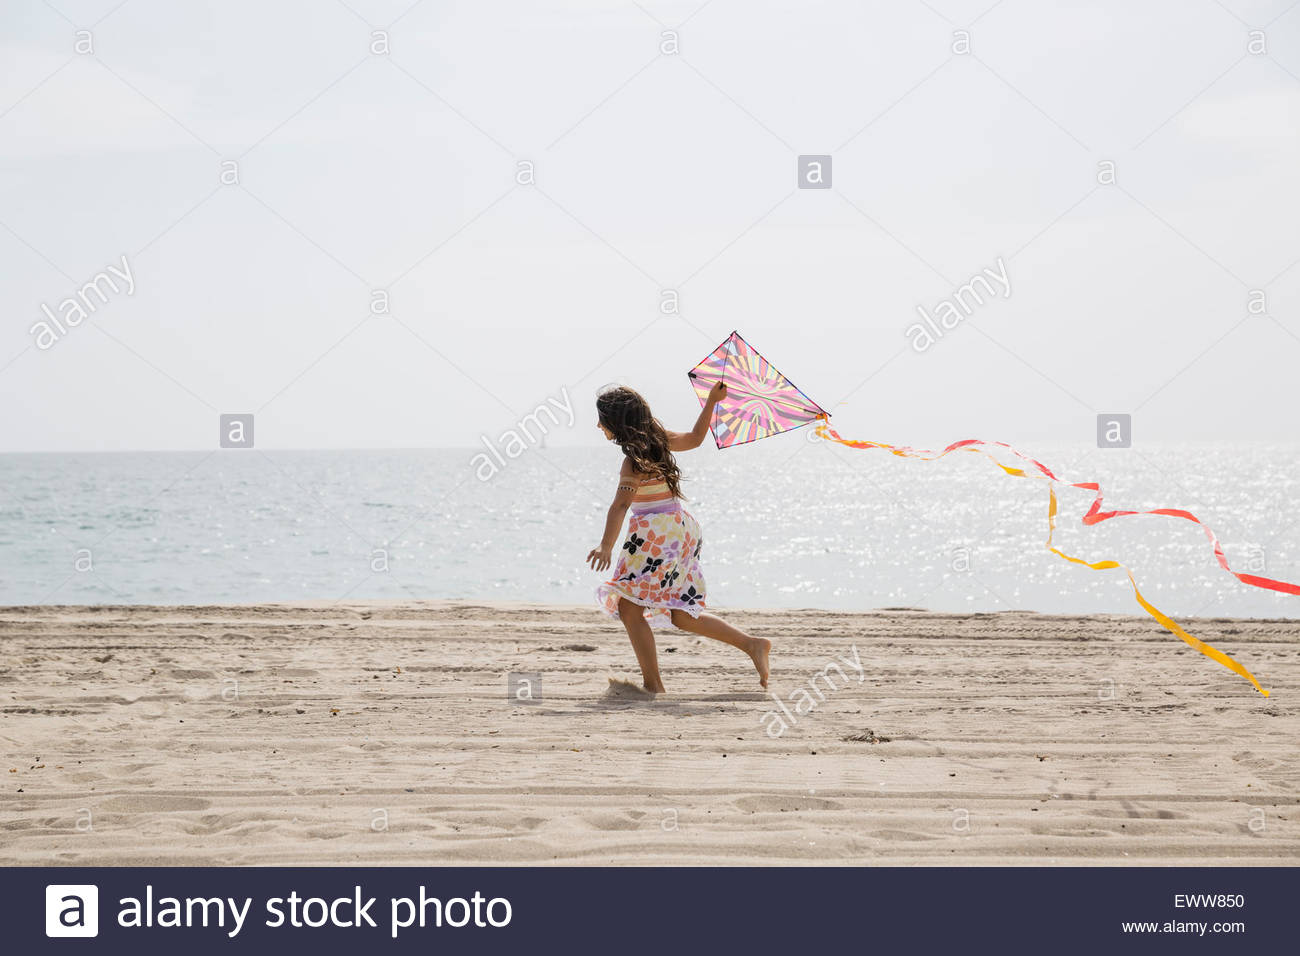 Girl flying kite on sunny beach - Stock Image